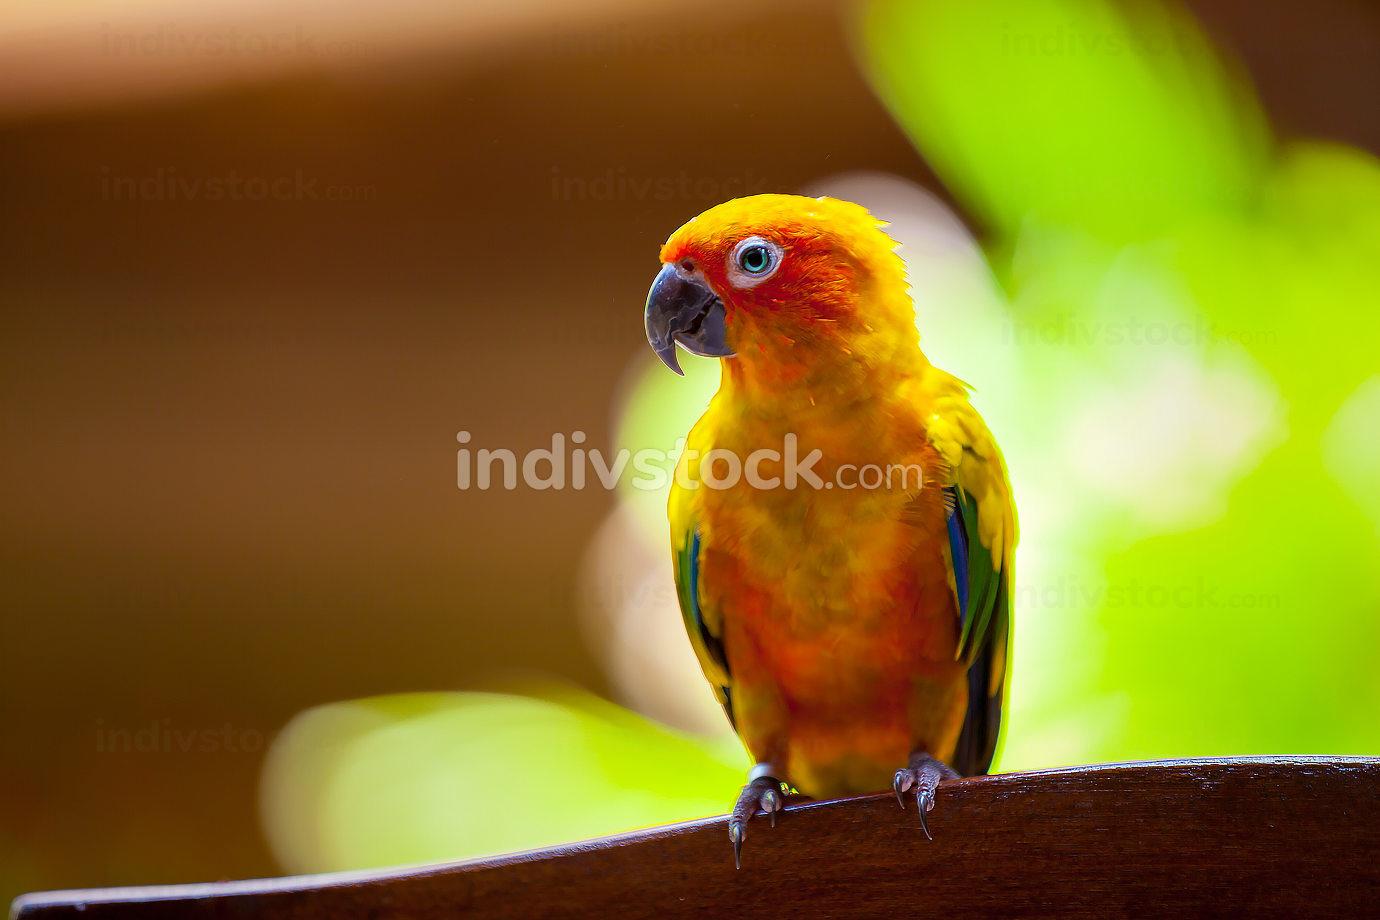 Maldives, a parrot bird